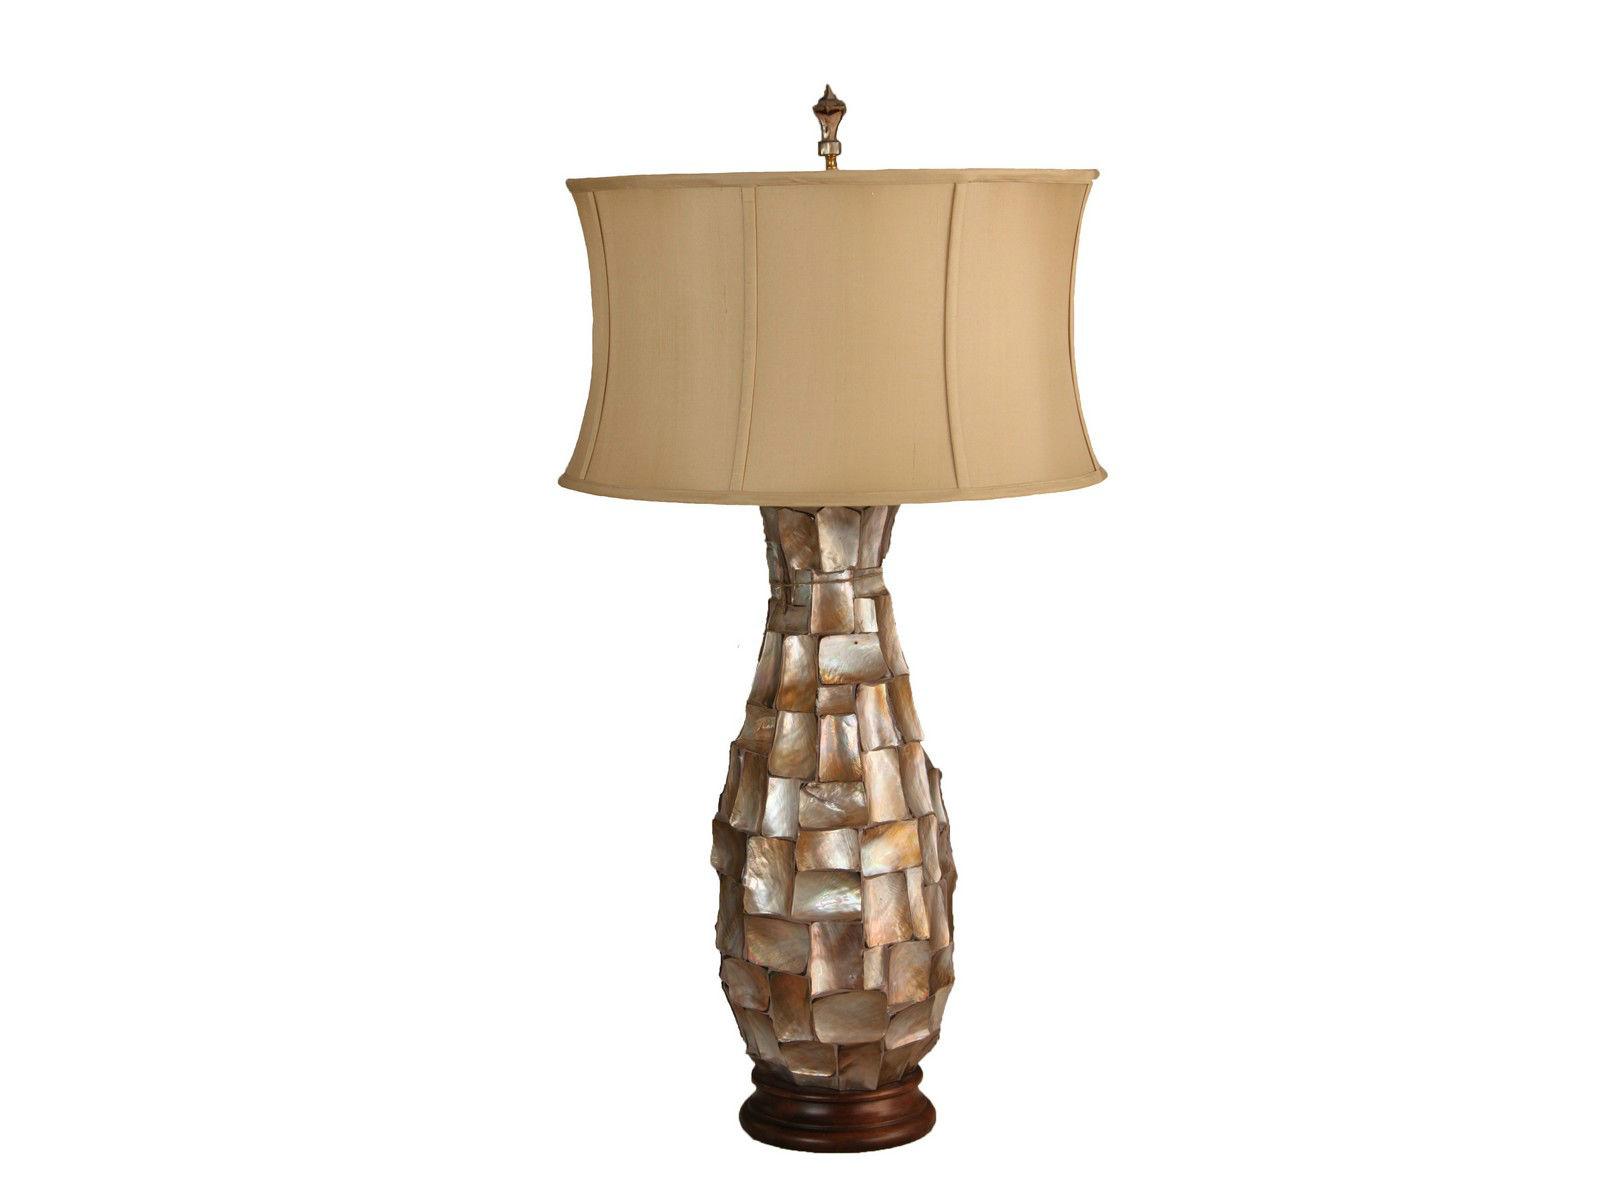 Настольная лампа Radica BorealisДекоративные лампы<br>&amp;lt;div&amp;gt;Вид цоколя: Е27&amp;lt;/div&amp;gt;&amp;lt;div&amp;gt;Мощность лампы: 60W&amp;lt;/div&amp;gt;&amp;lt;div&amp;gt;Количество ламп: 1&amp;lt;/div&amp;gt;&amp;lt;div&amp;gt;Наличие ламп: нет&amp;lt;/div&amp;gt;<br><br>Material: Металл<br>Height см: 85<br>Diameter см: 46